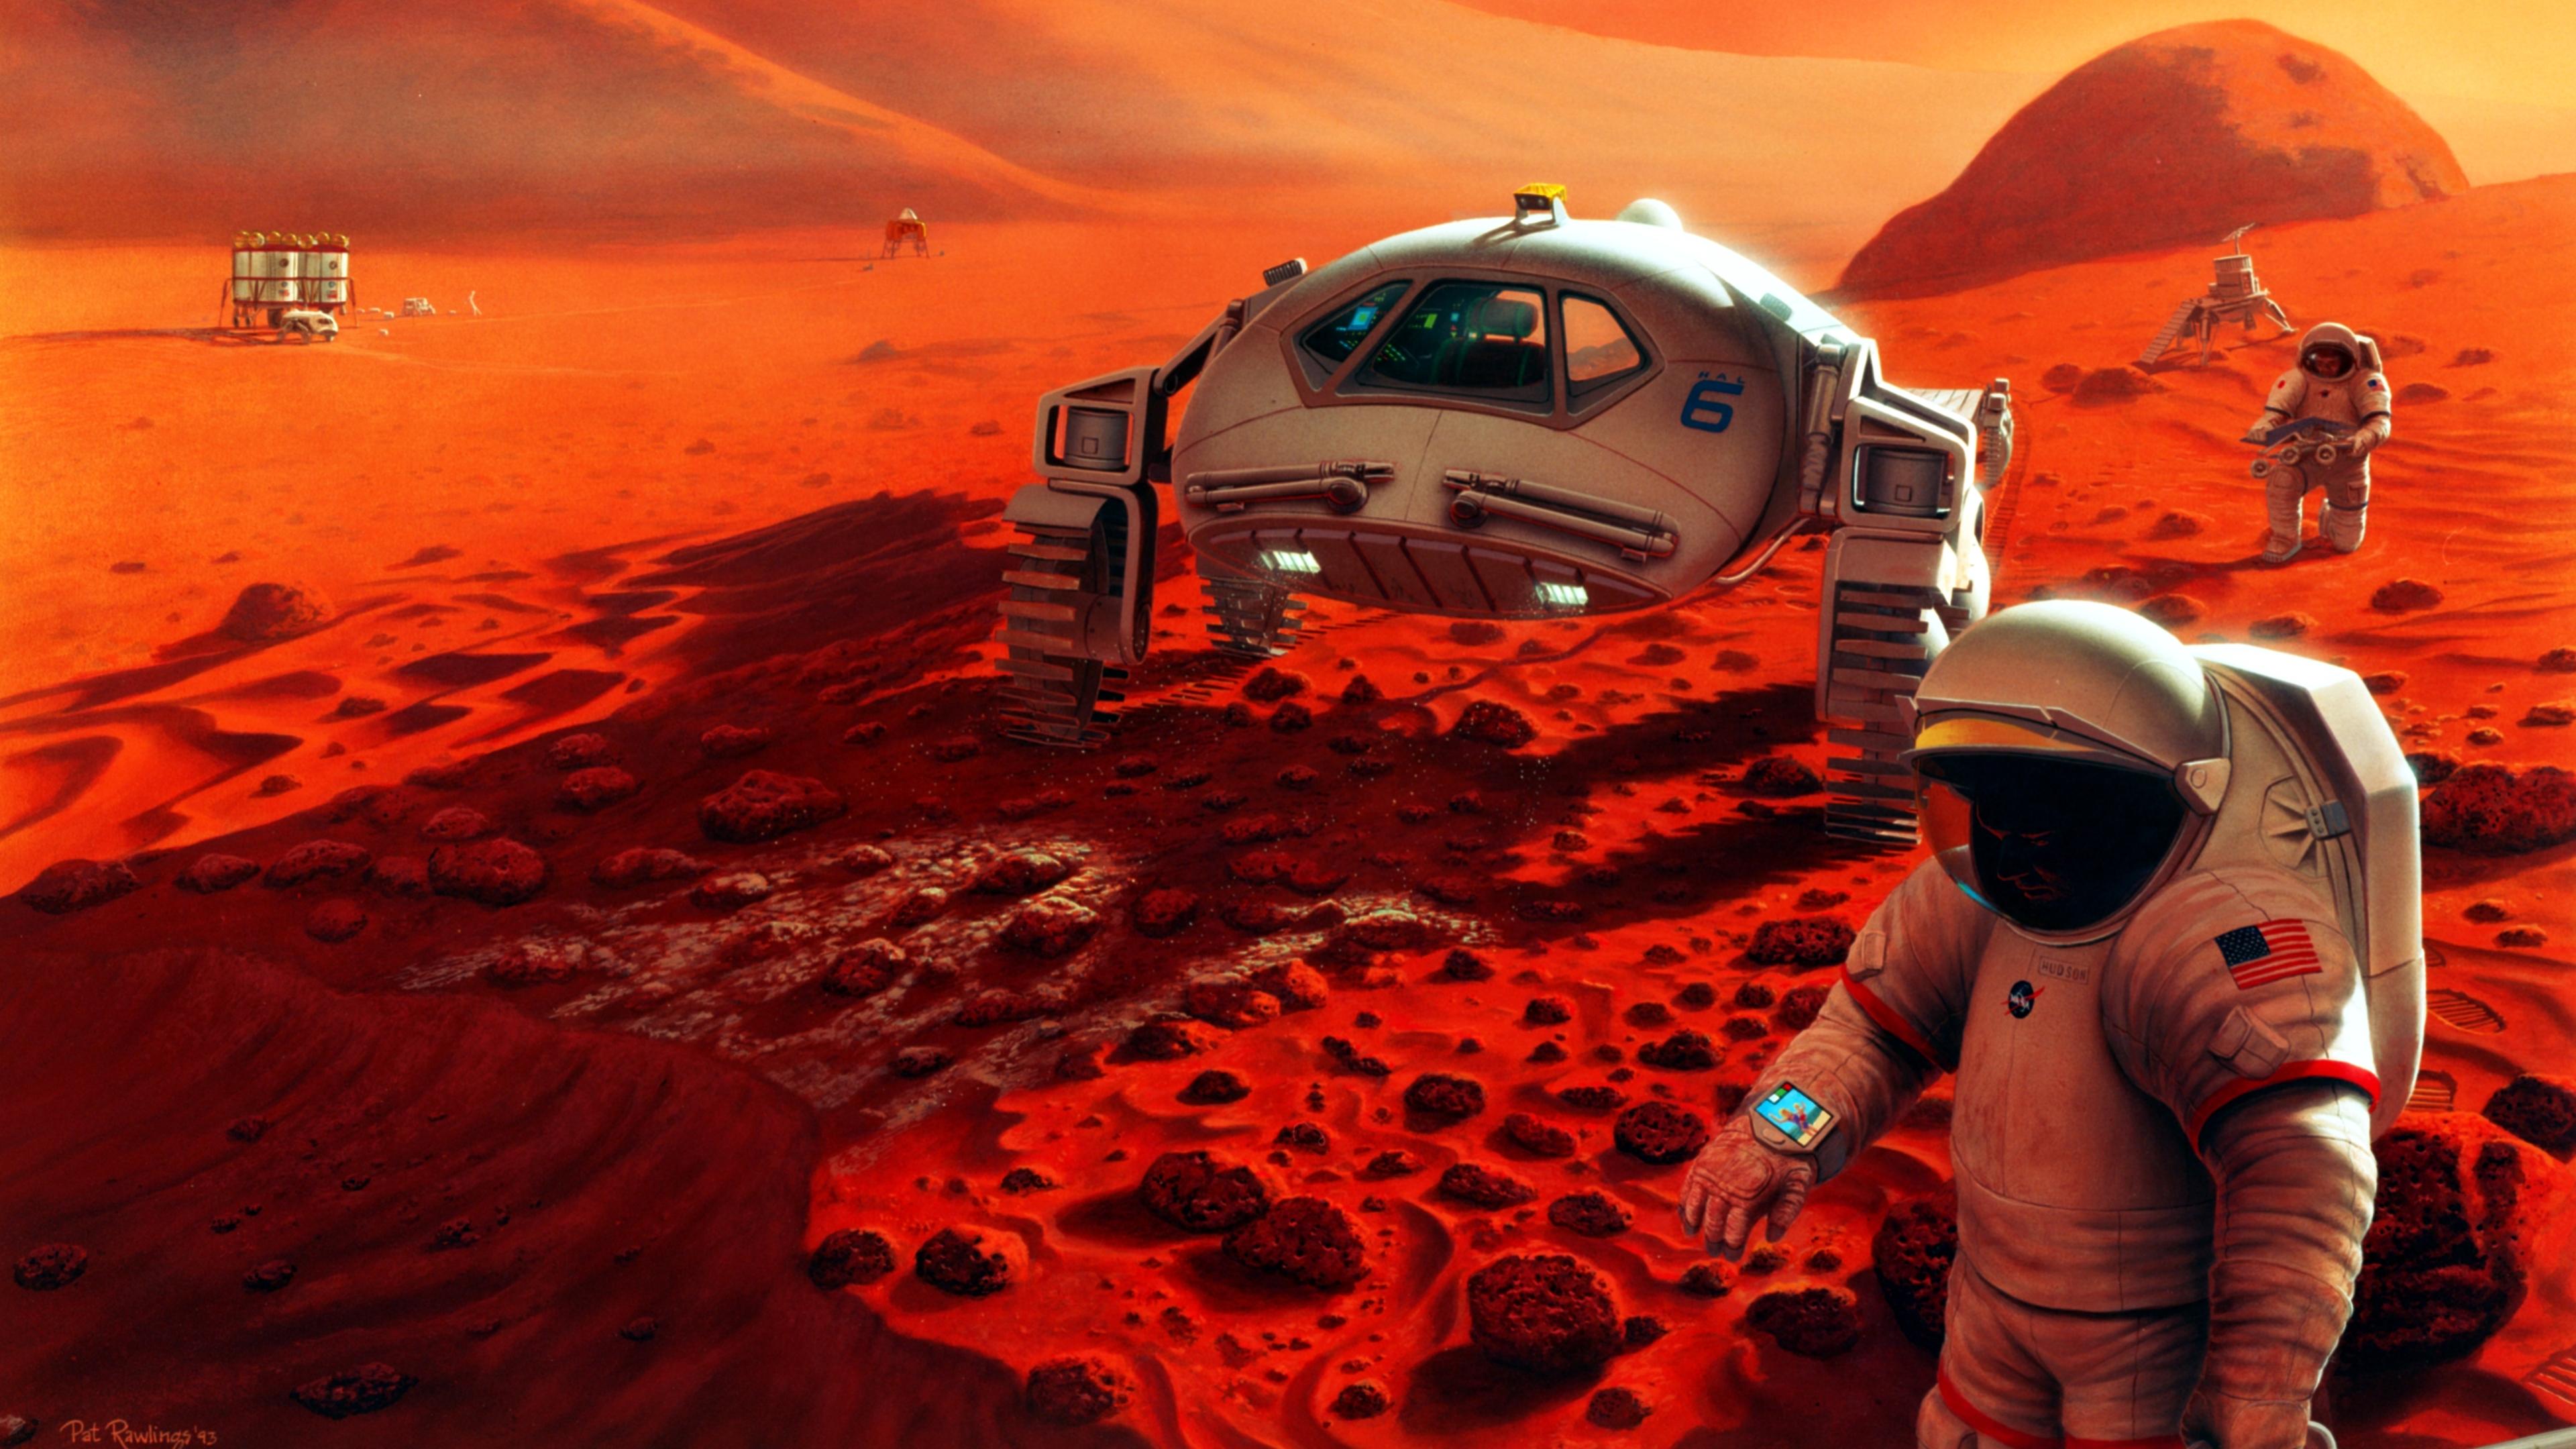 scifi astronaut space mars rover 4k 1540756158 - Scifi Astronaut Space Mars Rover 4k - space wallpapers, scifi wallpapers, mars wallpapers, hd-wallpapers, astronaut wallpapers, artwork wallpapers, 4k-wallpapers